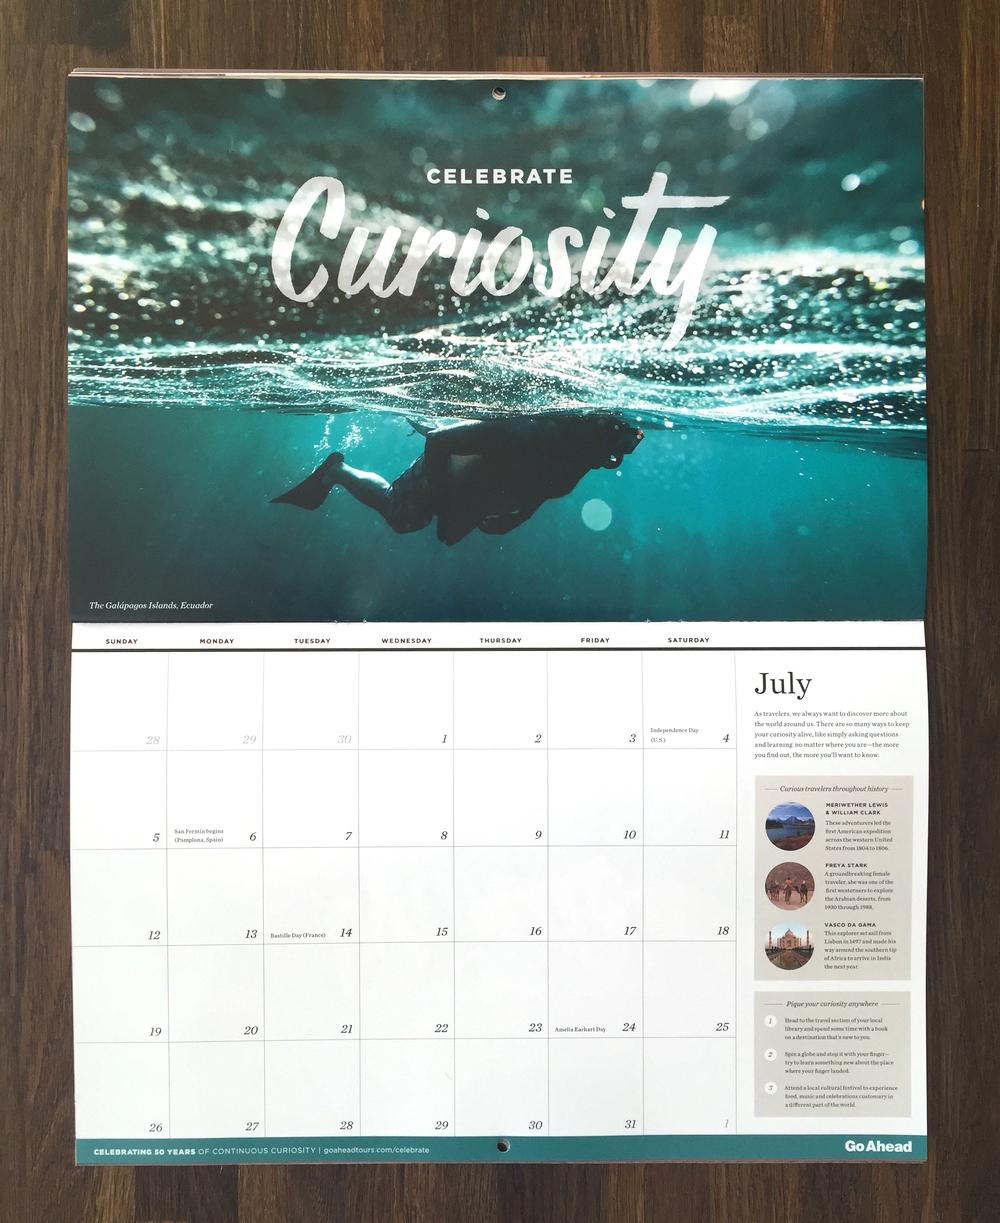 Calendar_July.jpg